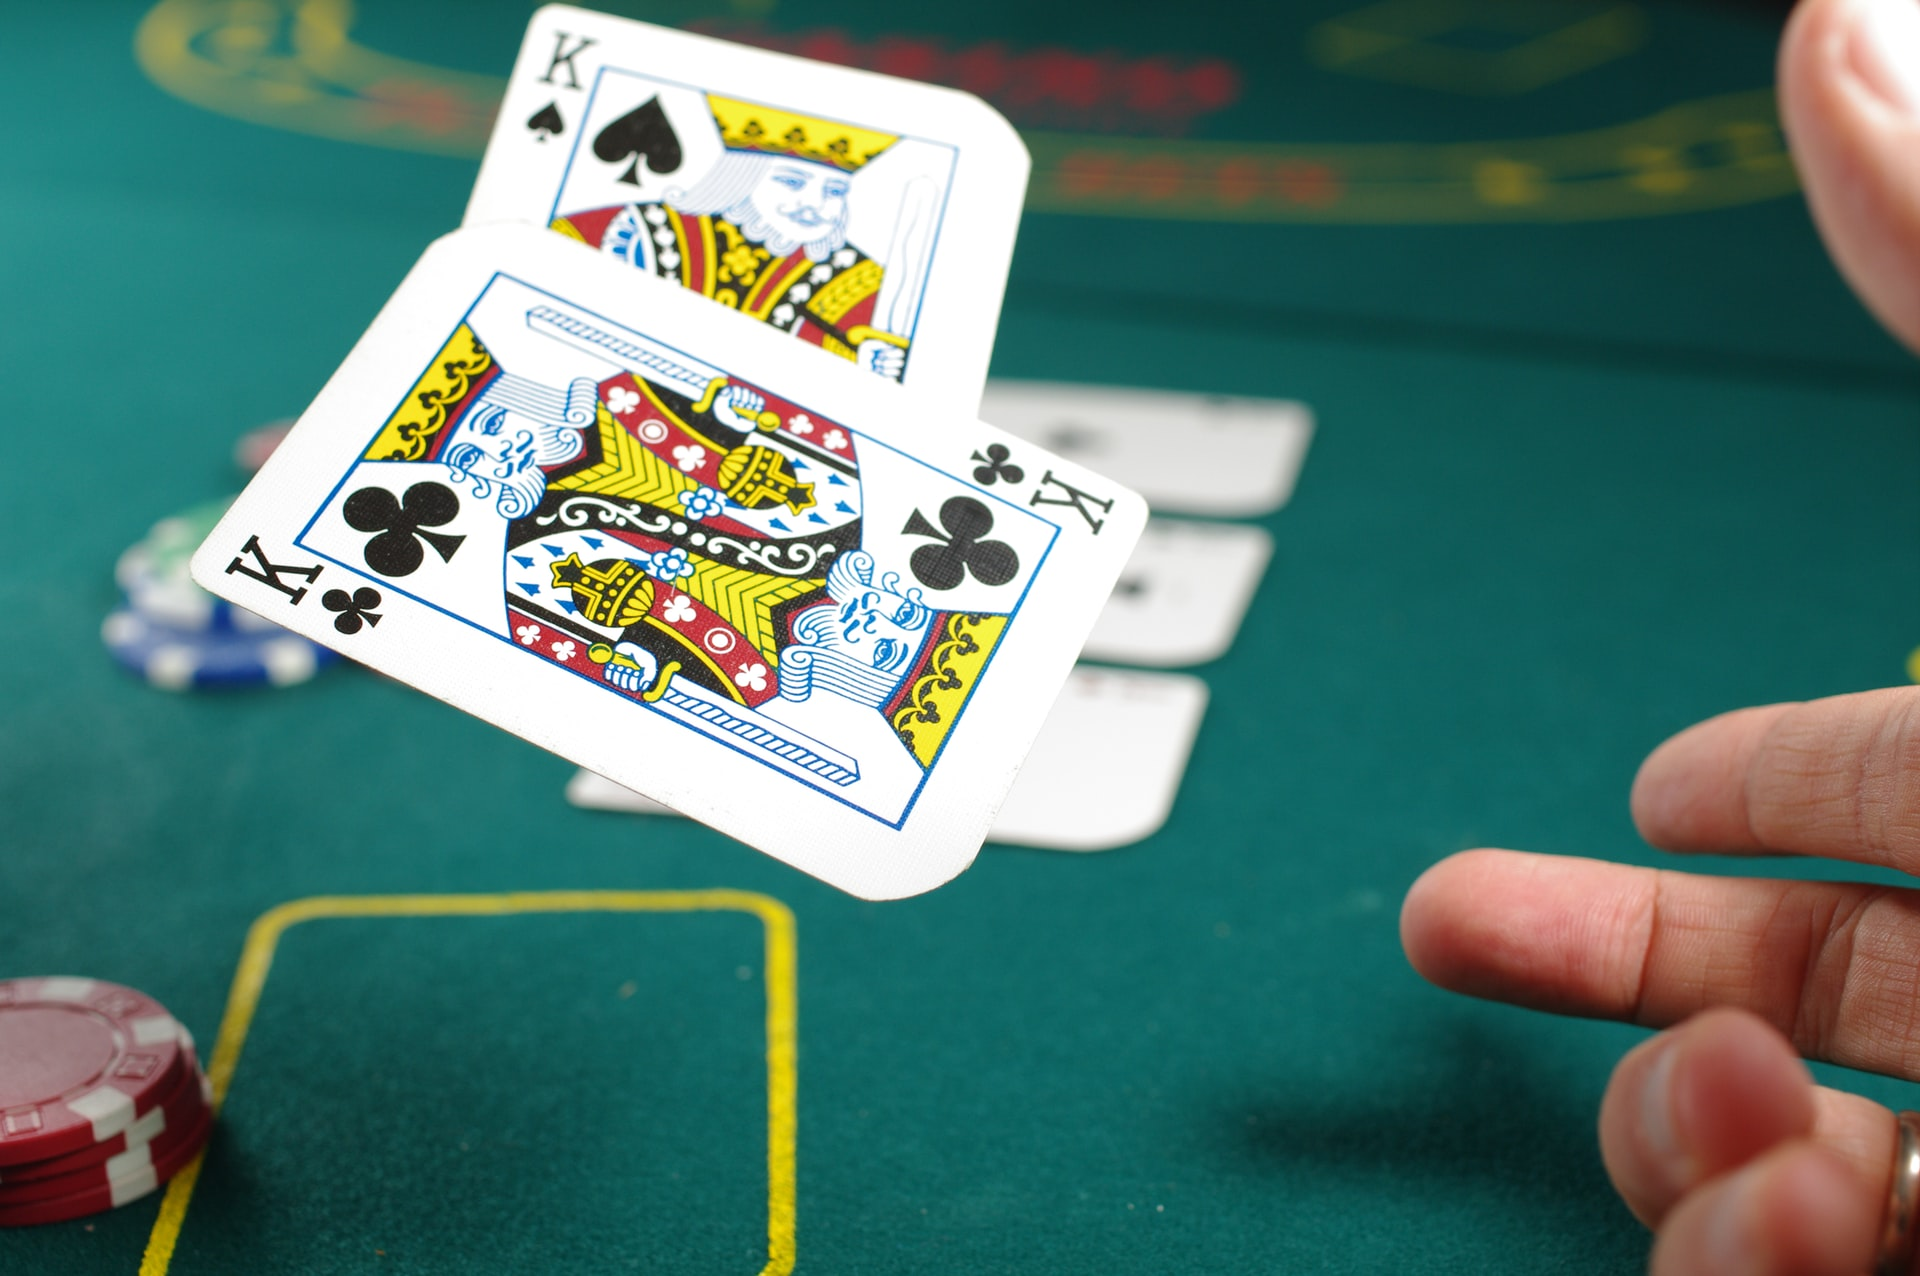 Online Gambling Laws in Norway